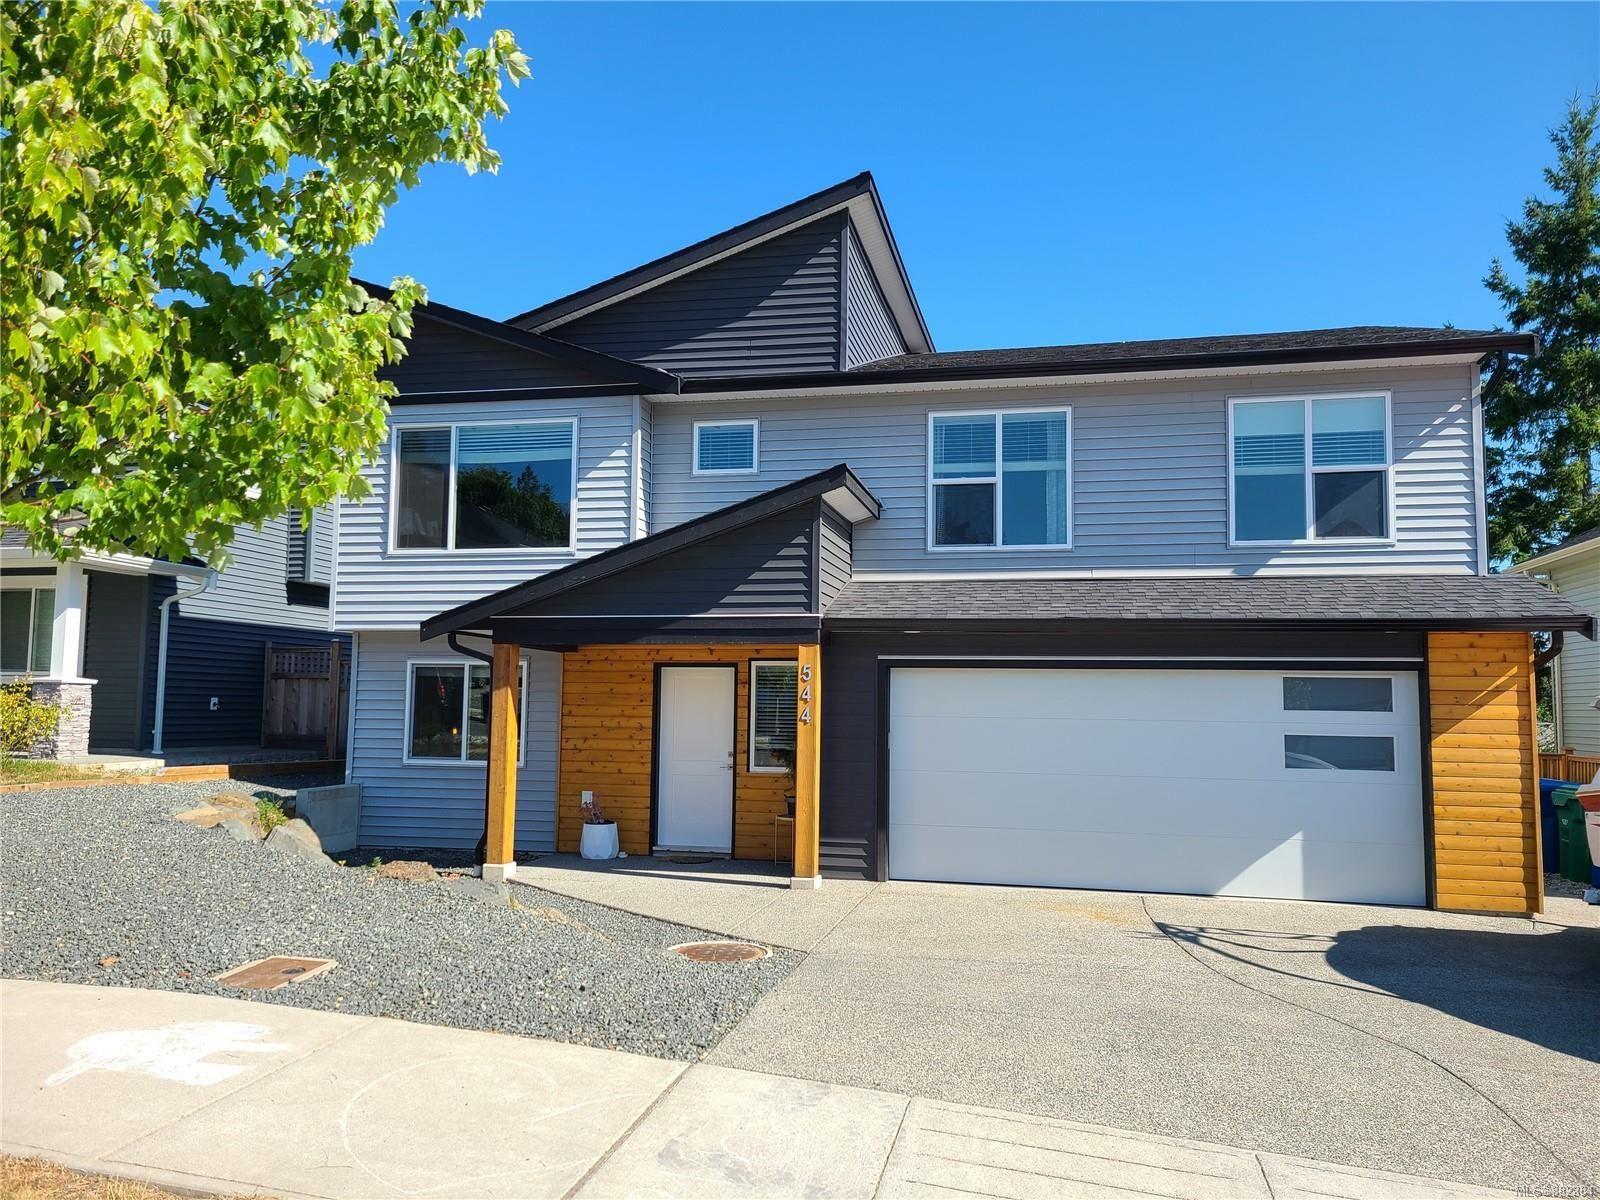 Main Photo: 544 Grewal Pl in : Na South Nanaimo House for sale (Nanaimo)  : MLS®# 882384